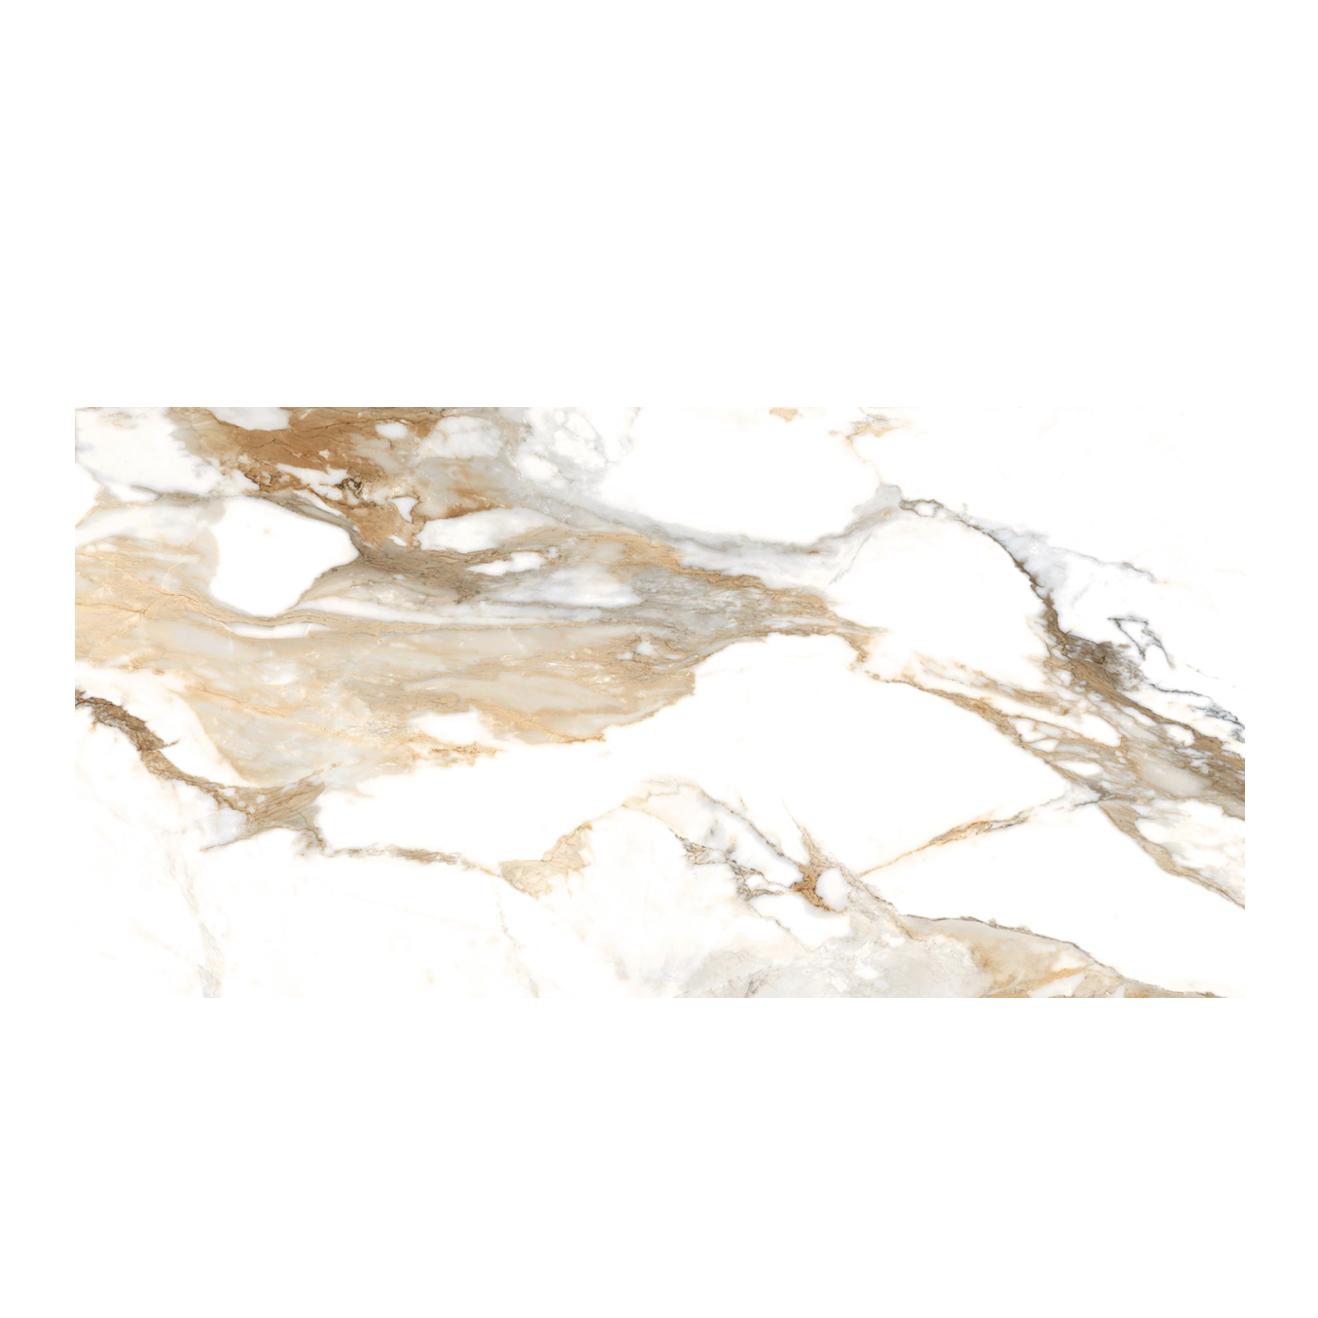 HFMS Crash Beige Natural Porcelain Large Format Floor & Wall Tile – 24 x 48 in.